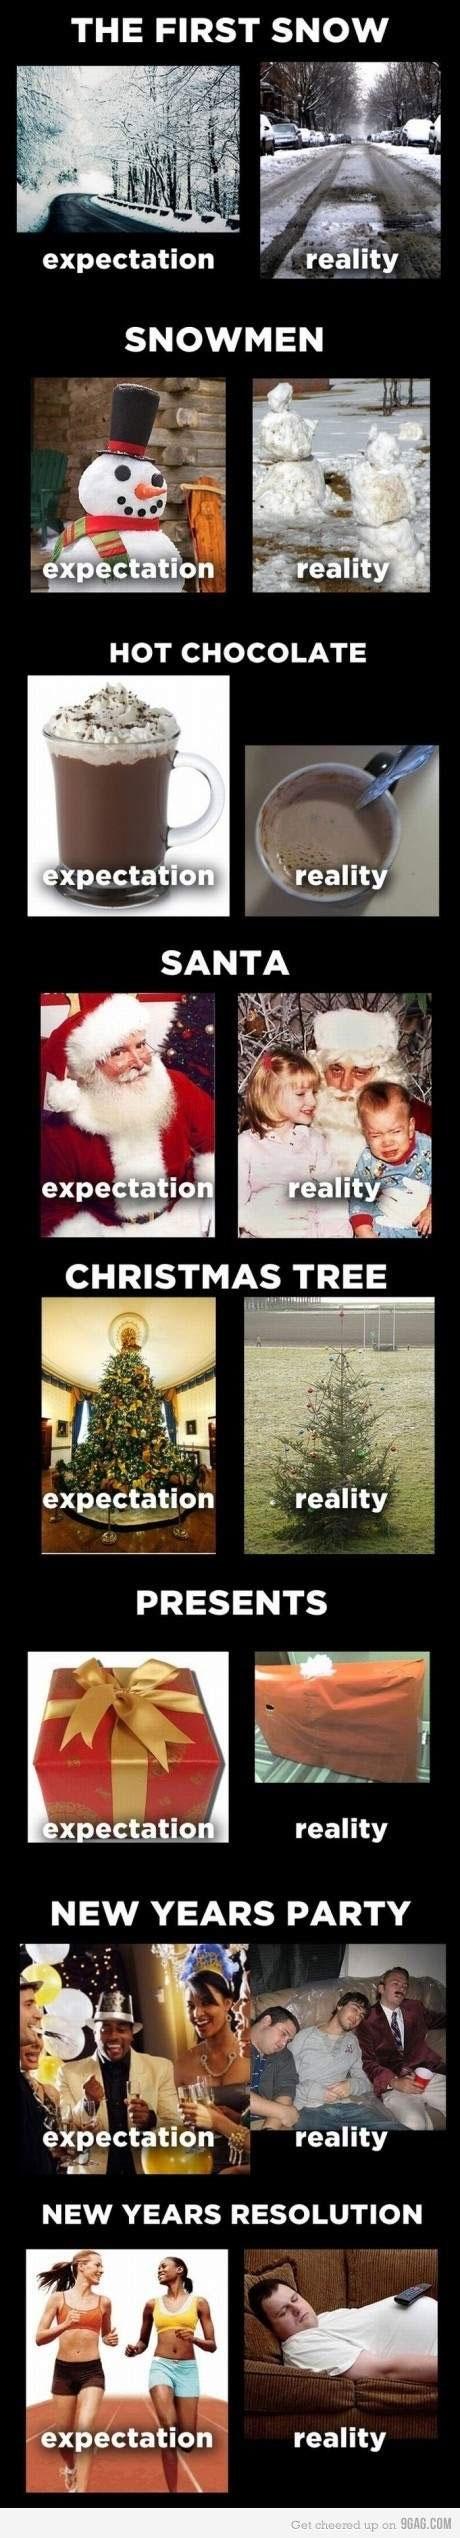 expectation & reality